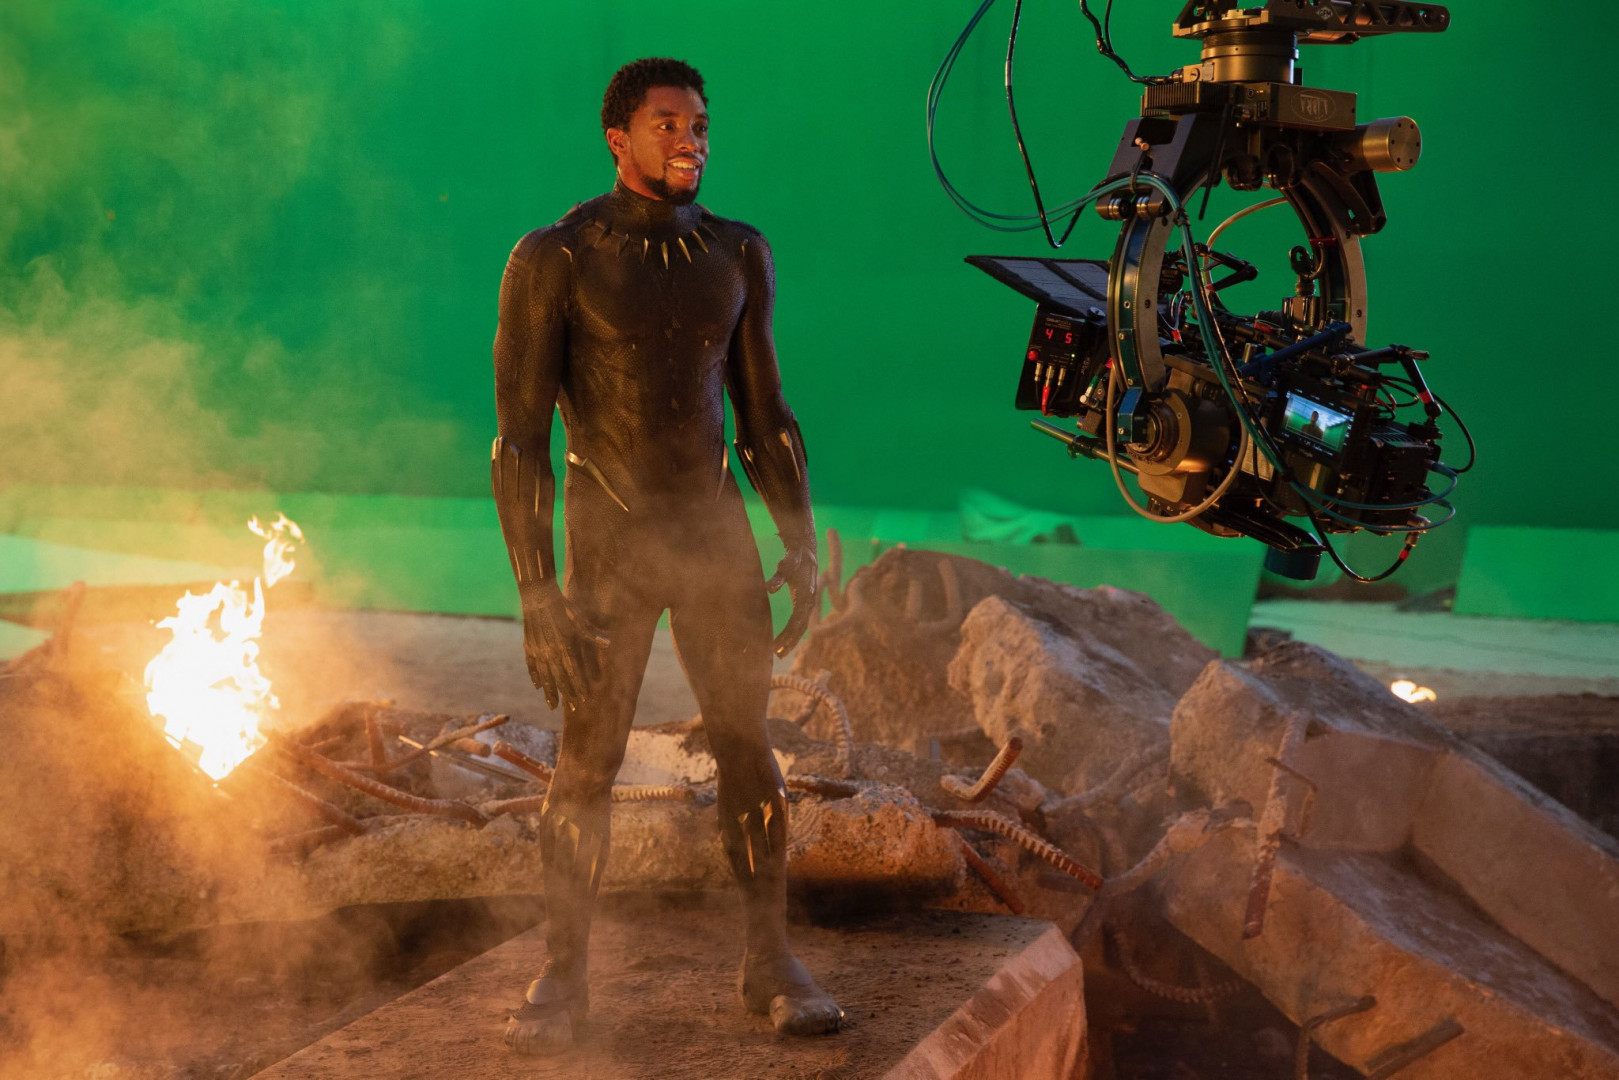 Black Panther n'oublie pas de sourire à la caméra